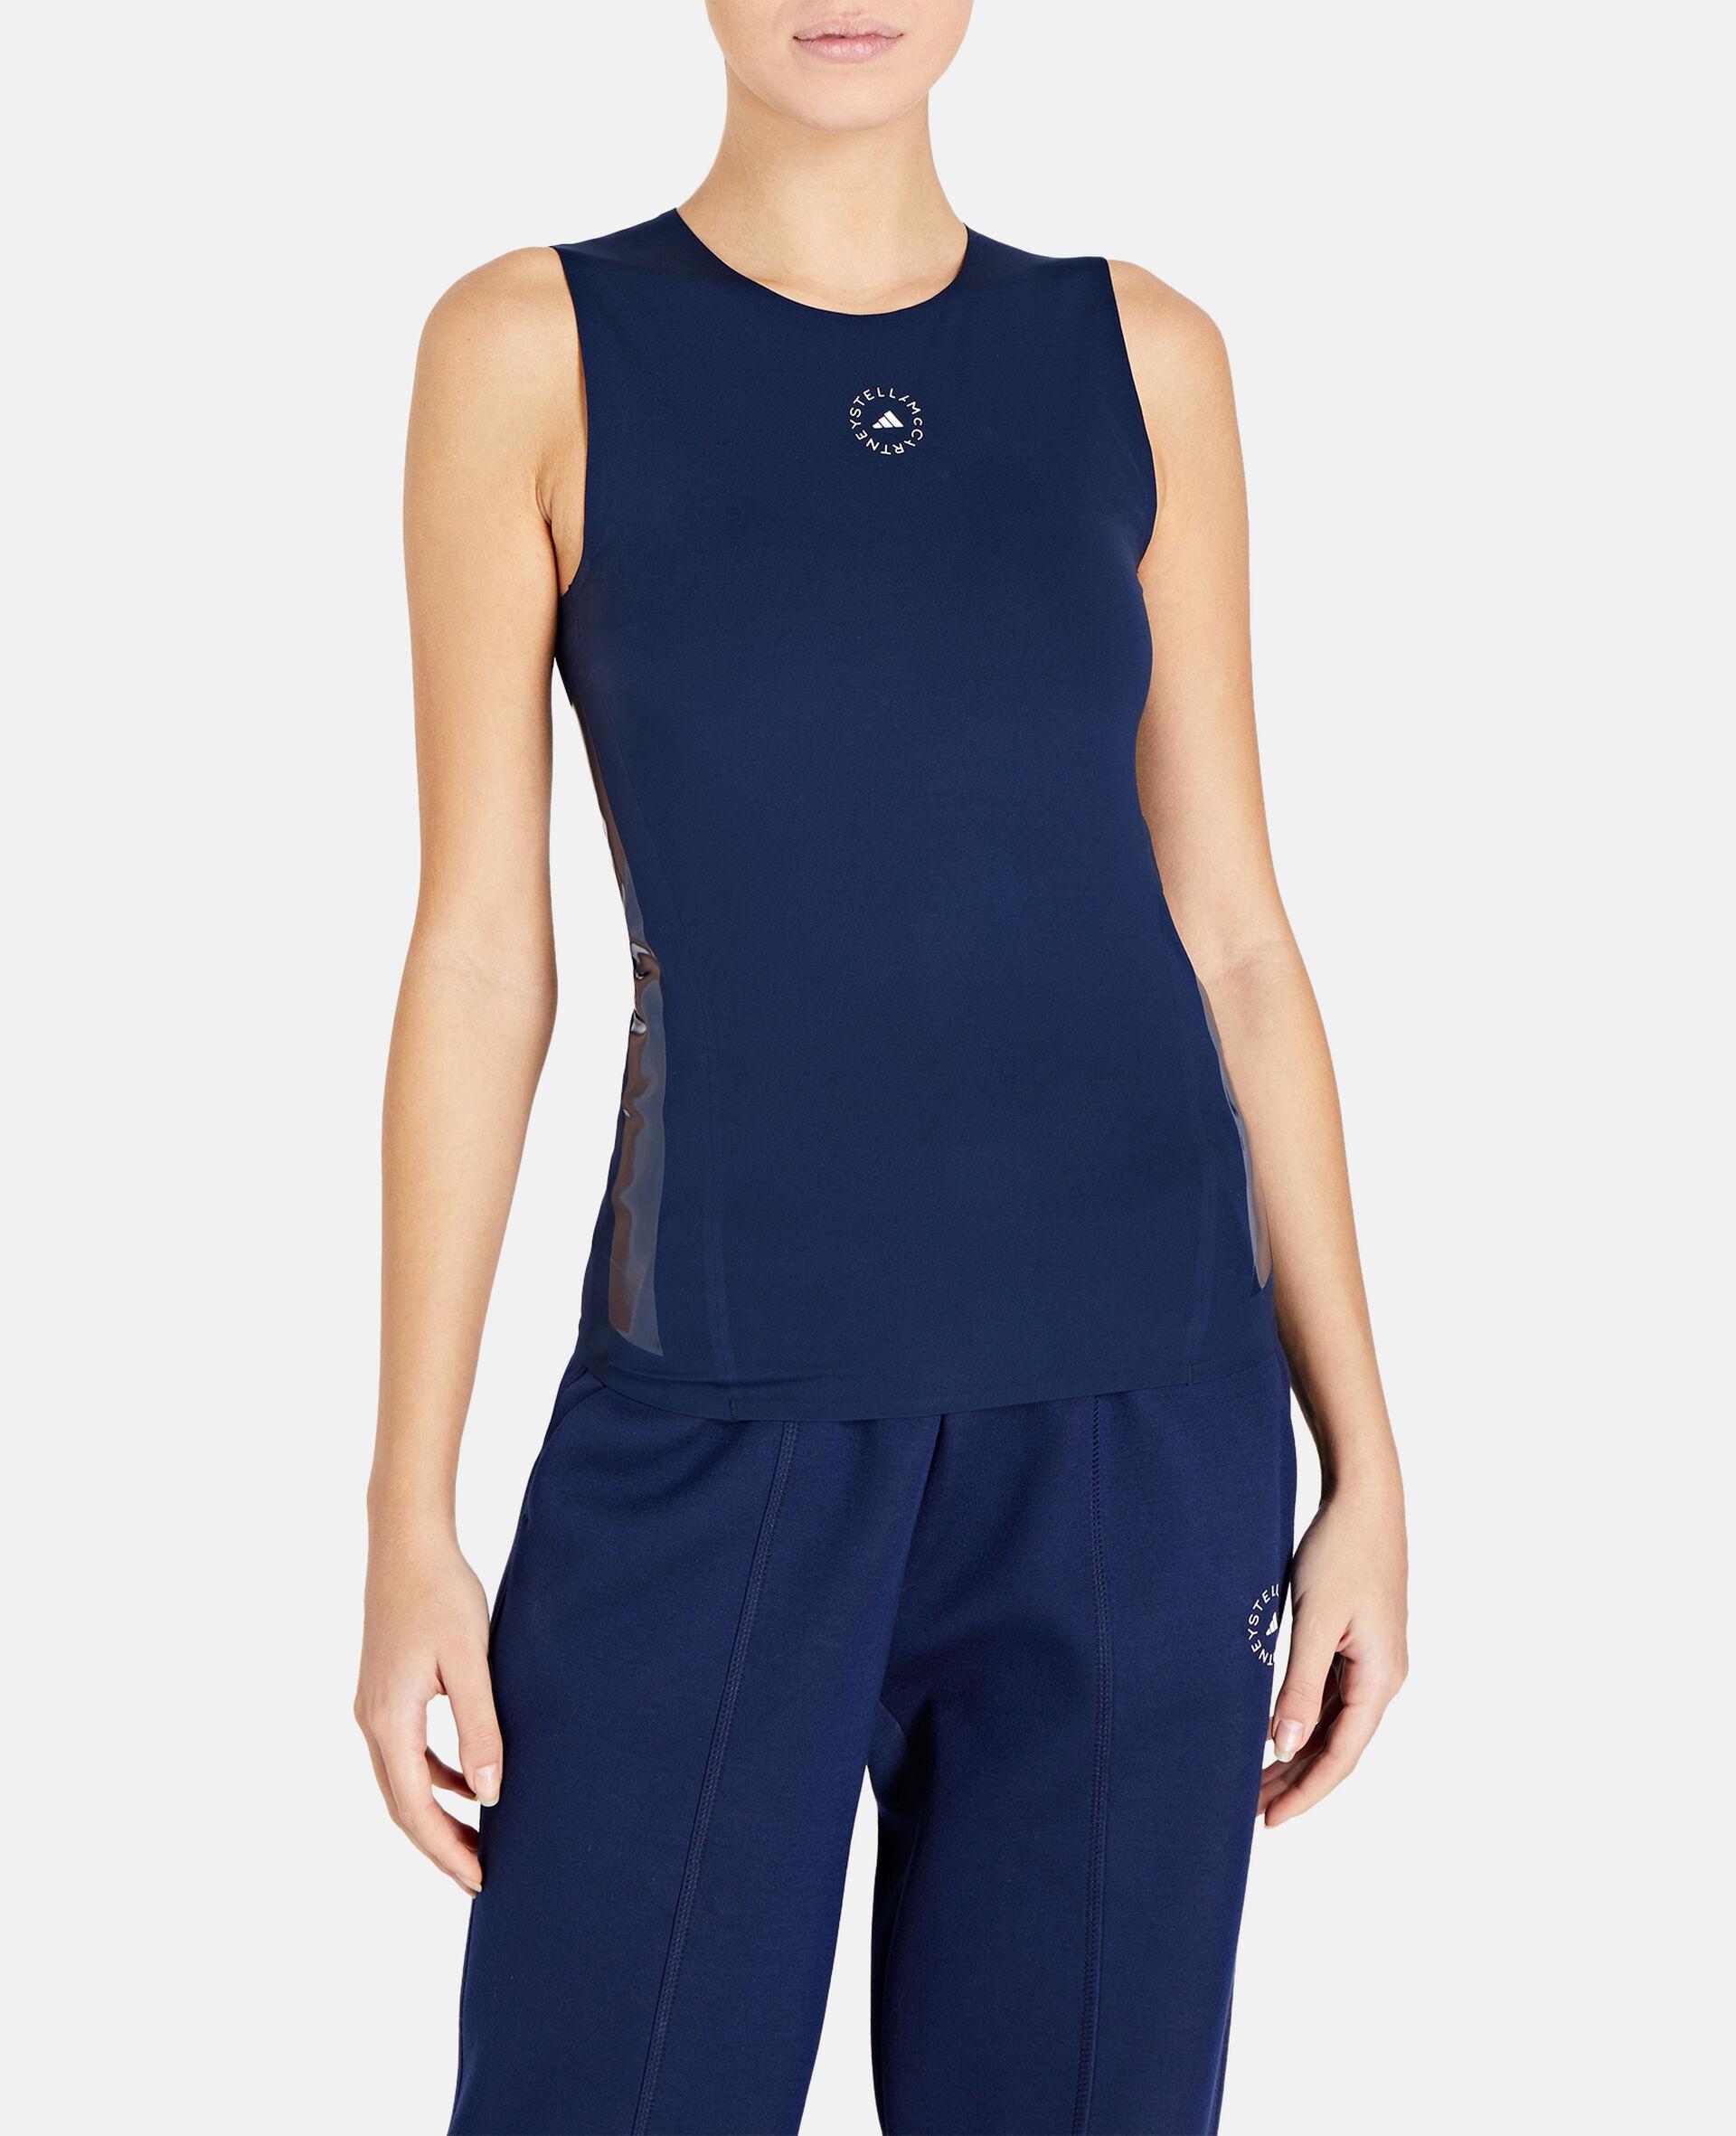 Blue Training Vest-Blue-large image number 4